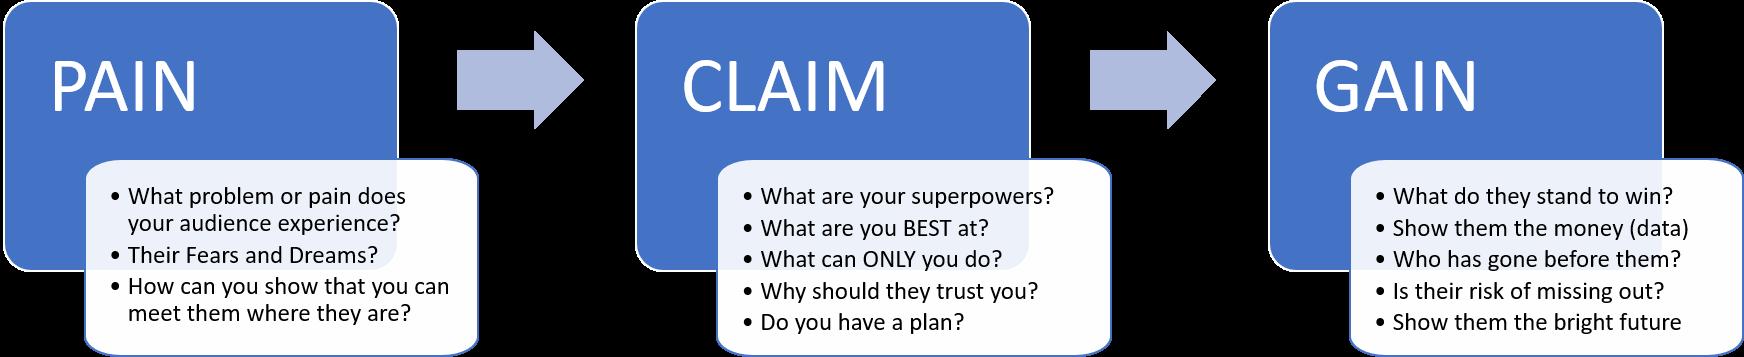 pain-claim-gain